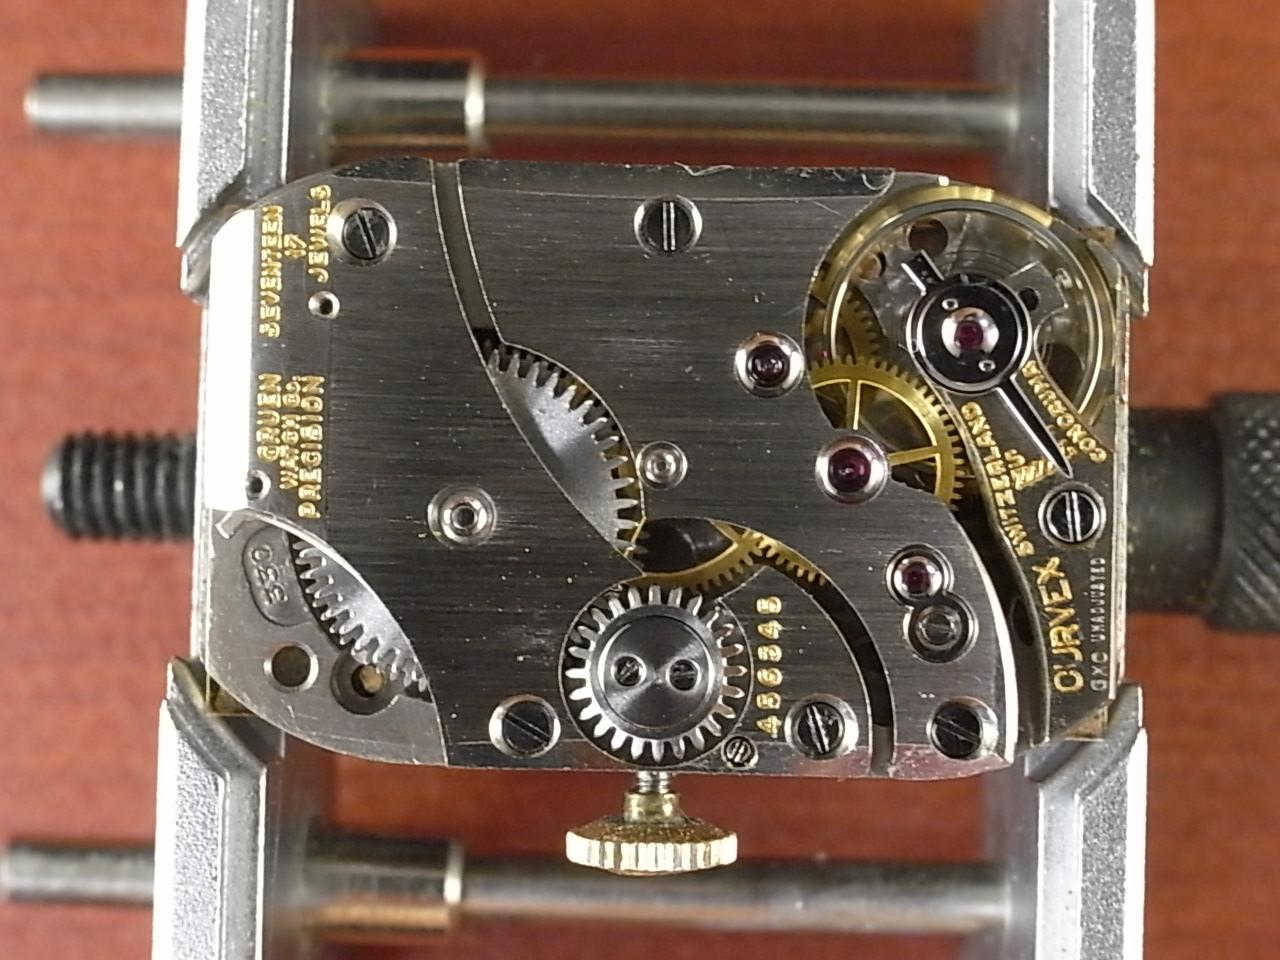 グリュエン カーベックス ブラック/ゴールド 2トーンダイアル Cal.330 1930年代 の写真5枚目